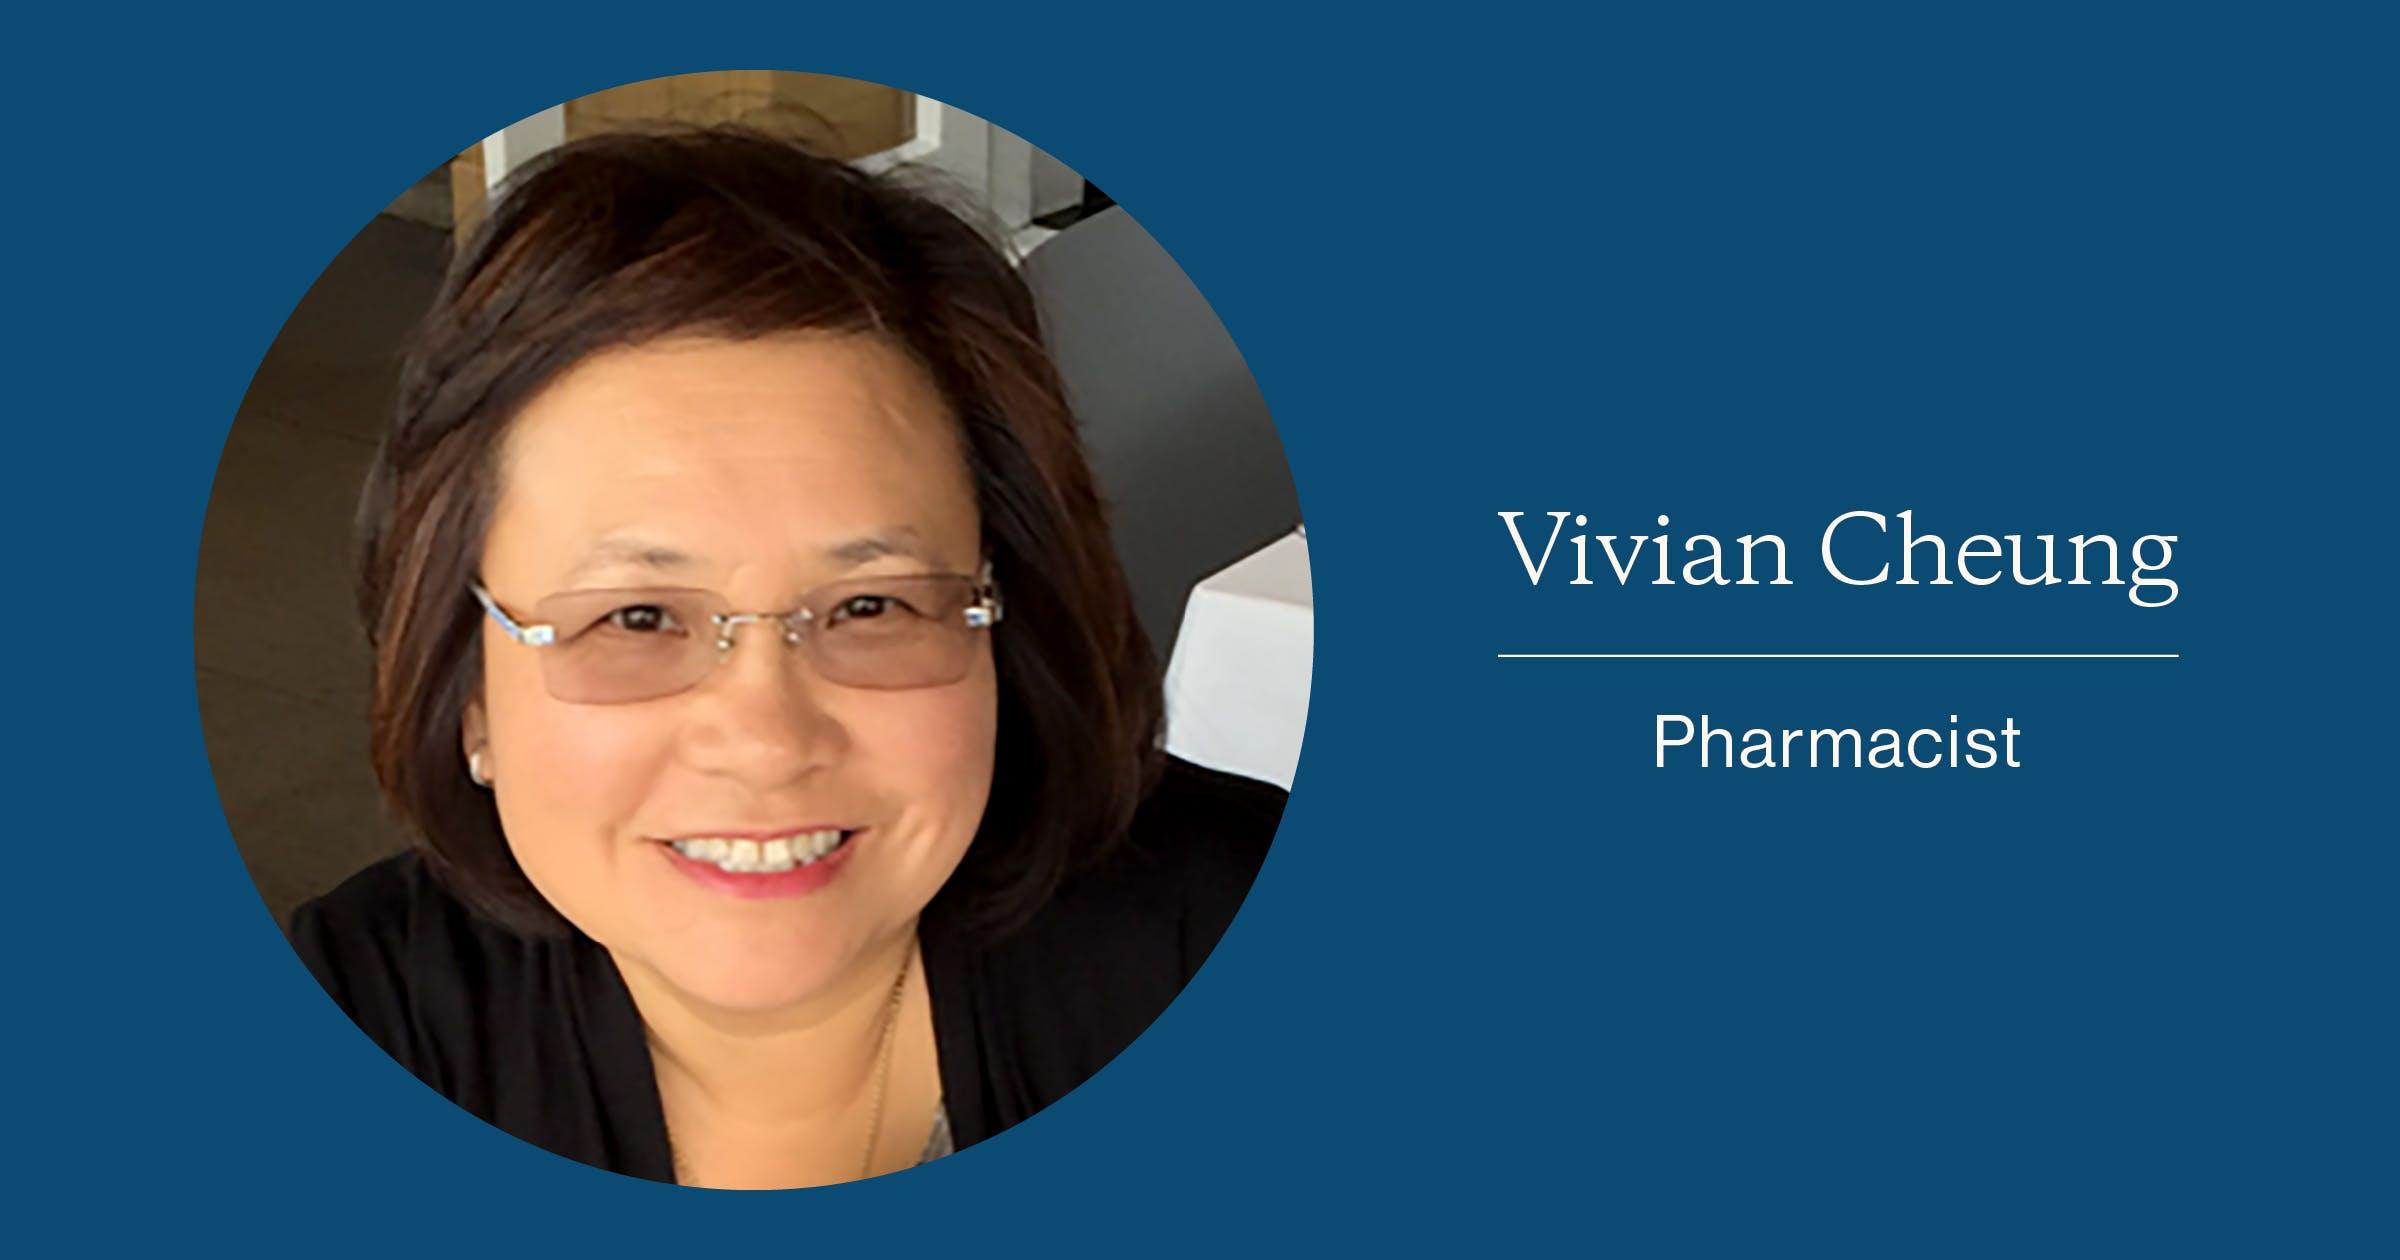 Vivian Cheung, Pharmacist